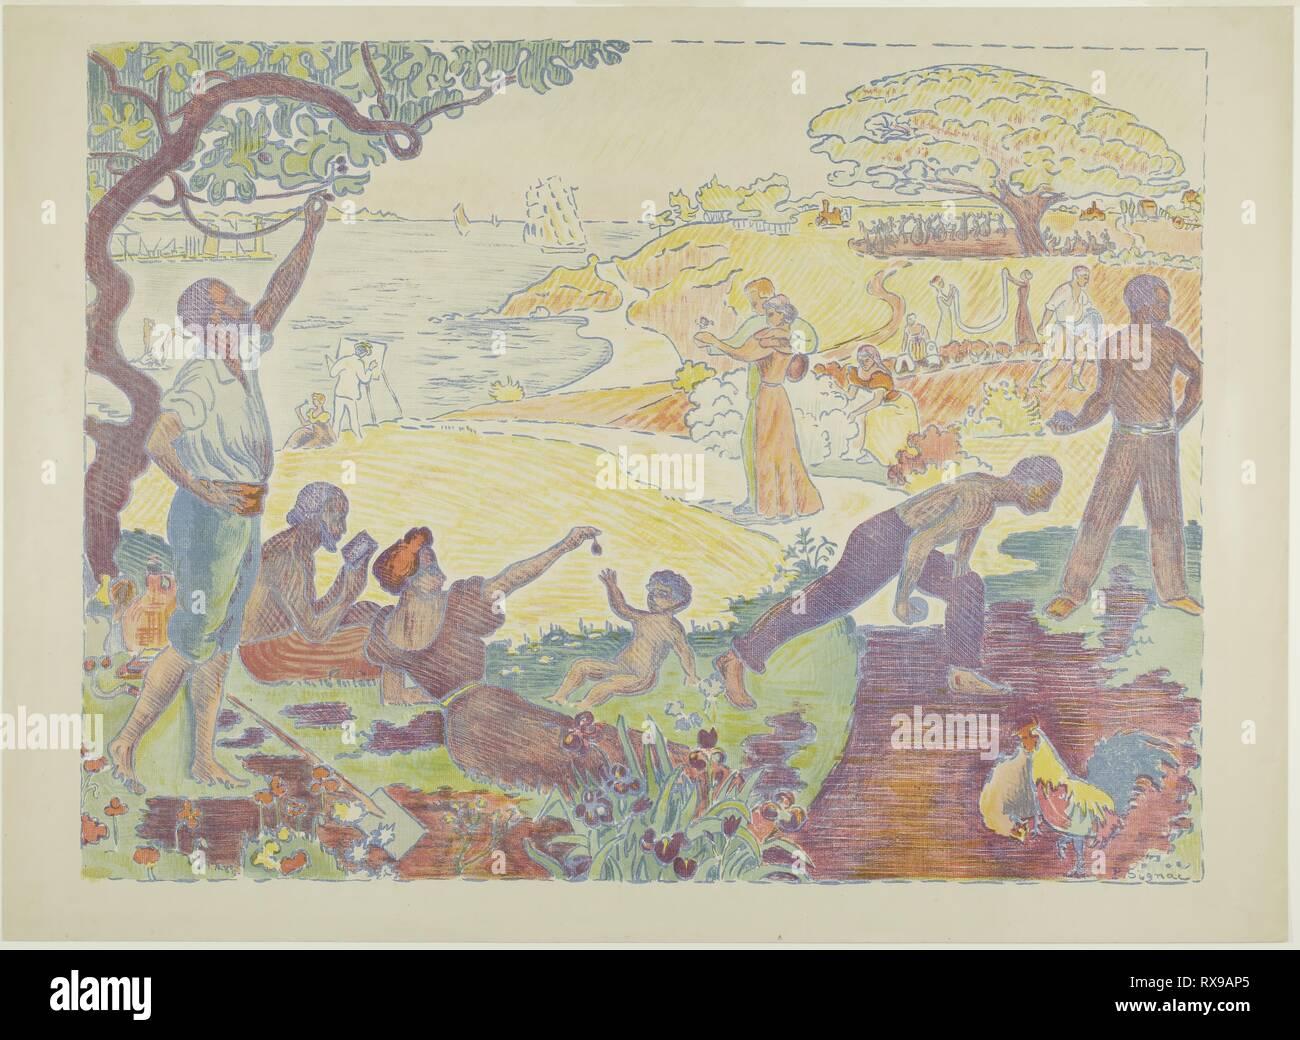 En temps de l'harmonie. Paul Signac (Français, 1863-1935); imprimé par Tailliardat. Date: 1895-1896. Dimensions: 377 × 502 mm (image); 419 × 580 mm (feuille). Lithographie en couleur vert, bleu, jaune, rouge, et de pêche avec le grattage de la plaque, à partir d'une plaque de zinc sur vélin chamois. Origine: France. Musée: le Chicago Art Institute. Banque D'Images